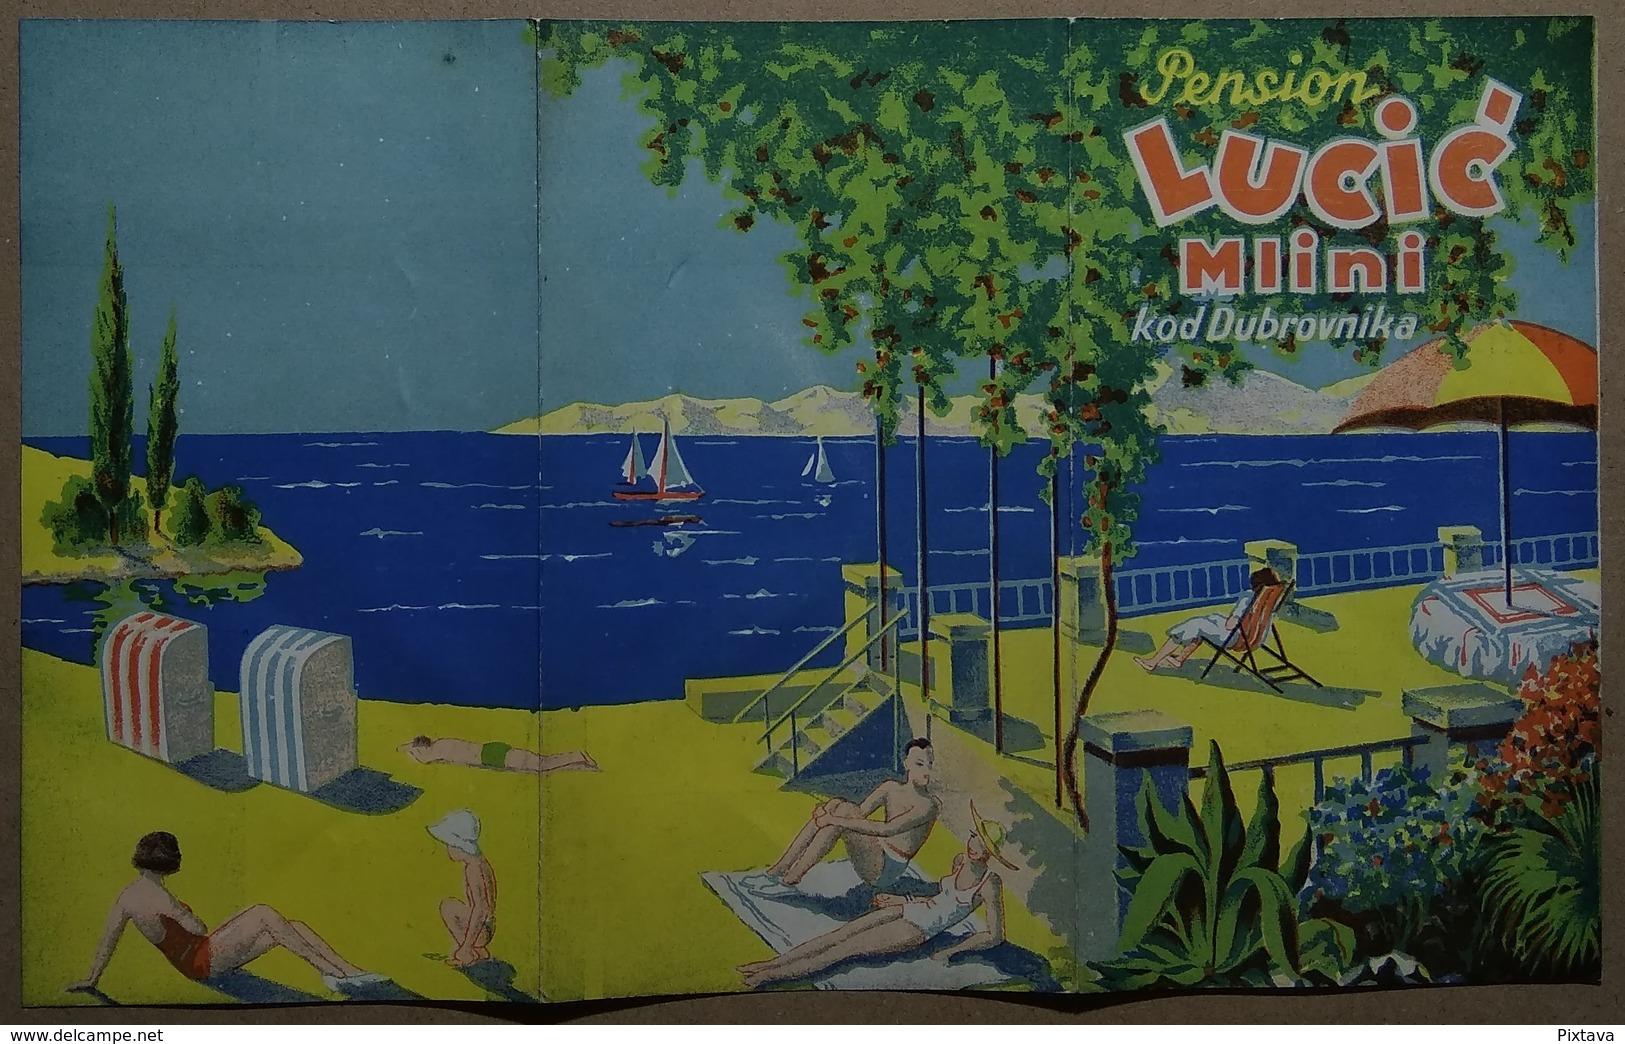 CROATIA - MLINI DUBROVNIK - PENSION LUCIC Publicité Pubblicità FOLDER BROCHURE GUIDE - Tourism Brochures